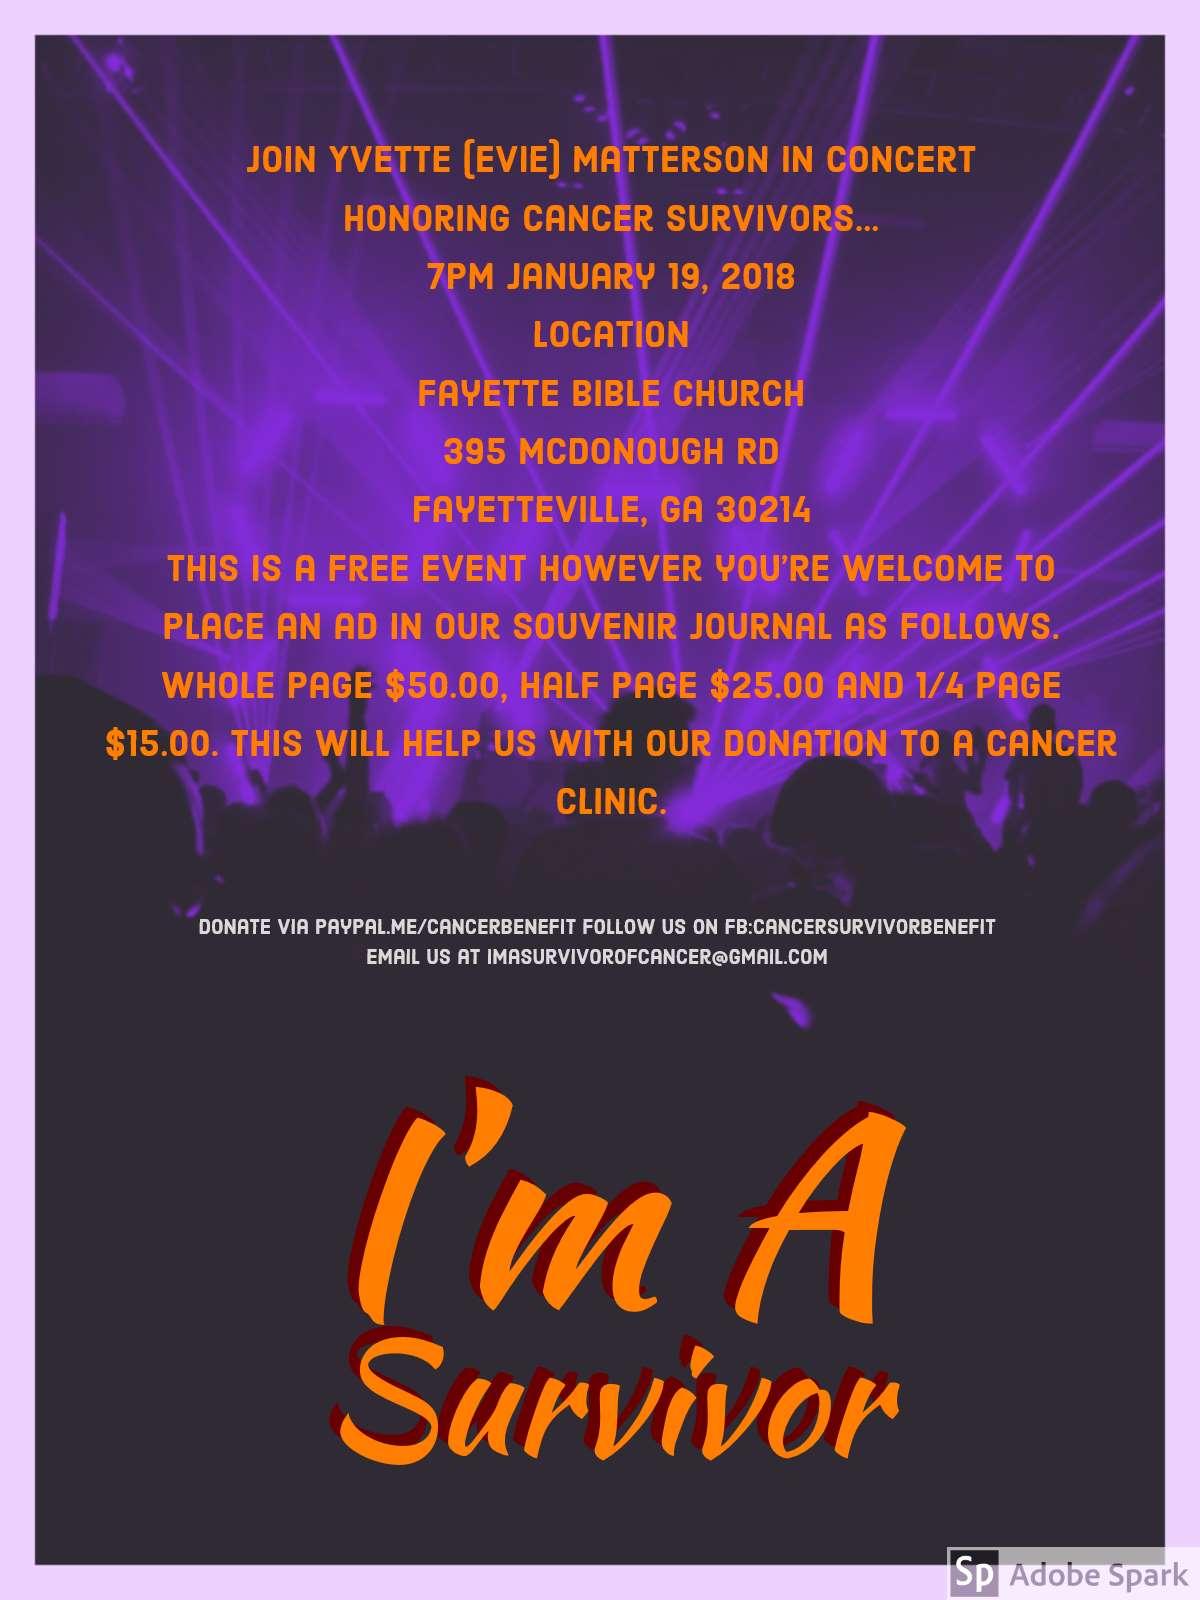 I'm A Survivor Cancer Benefit Concert